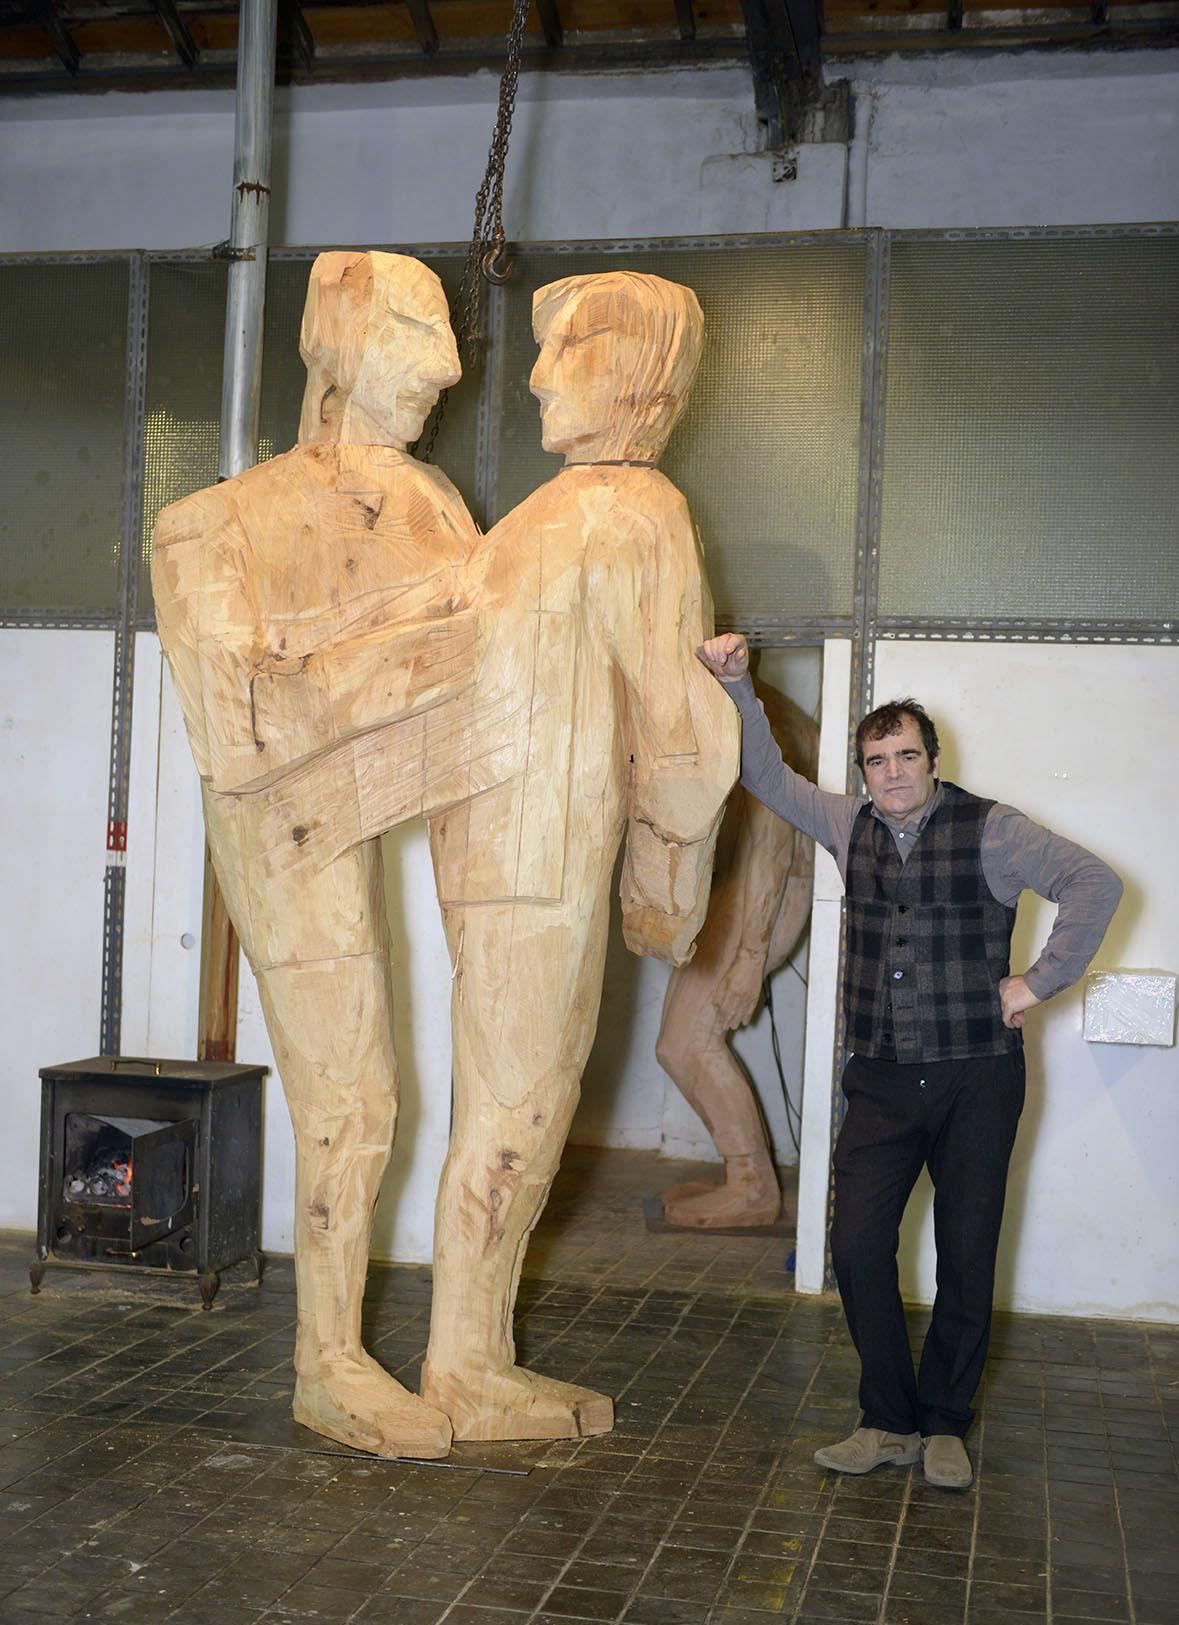 El artista Francisco Leiro con una de las obras en que trabaja...